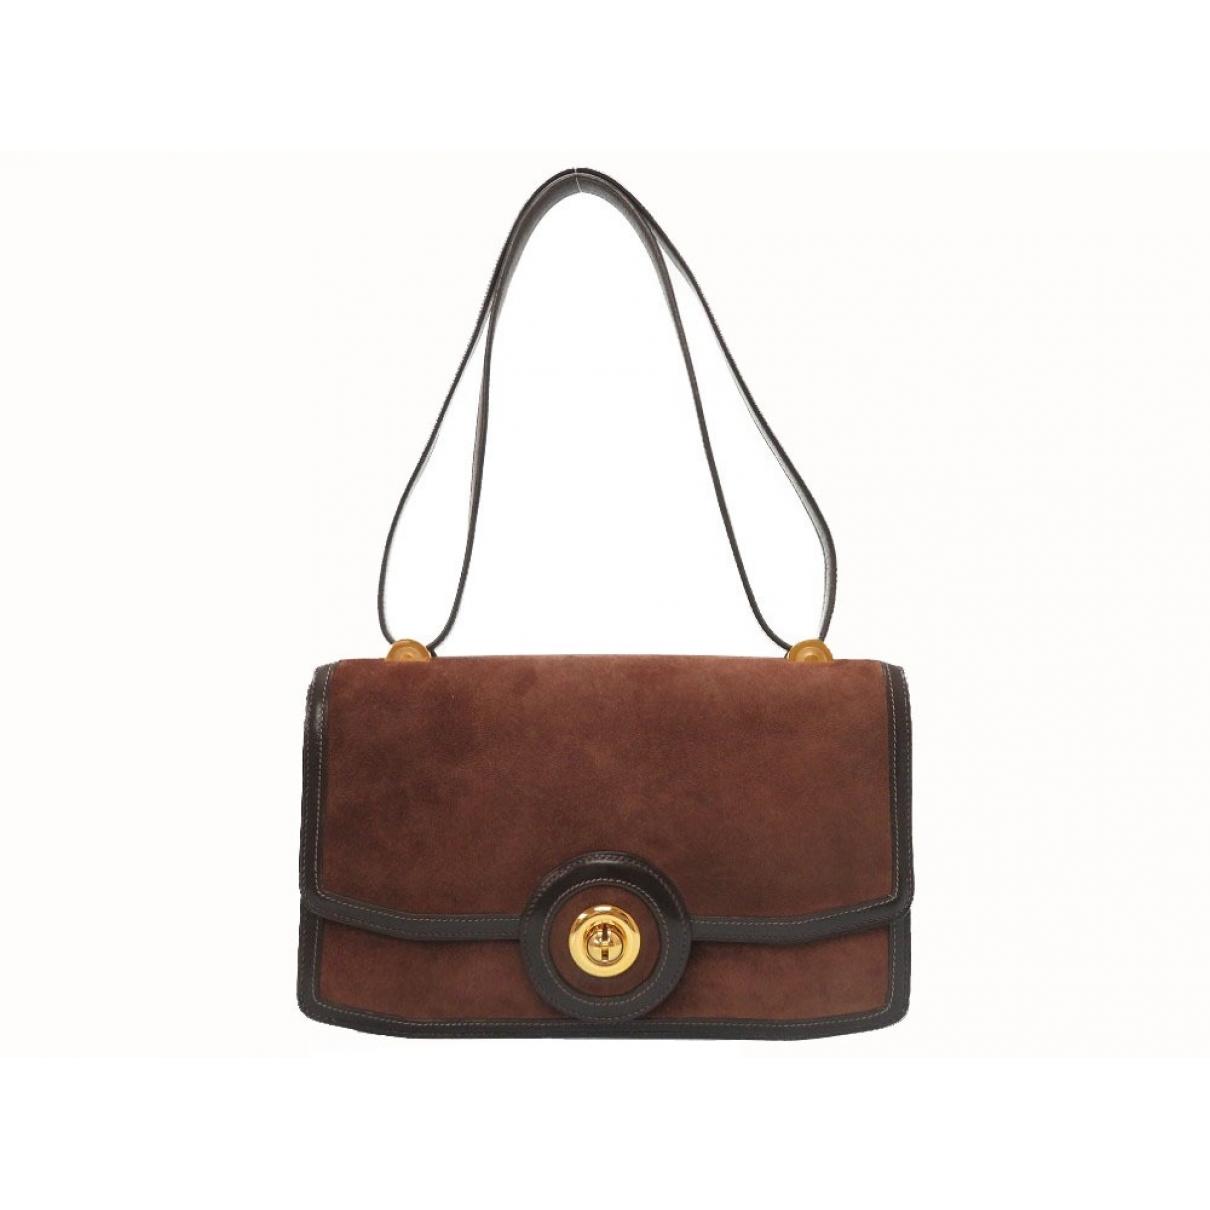 Herm??s \N Brown Suede handbag for Women \N